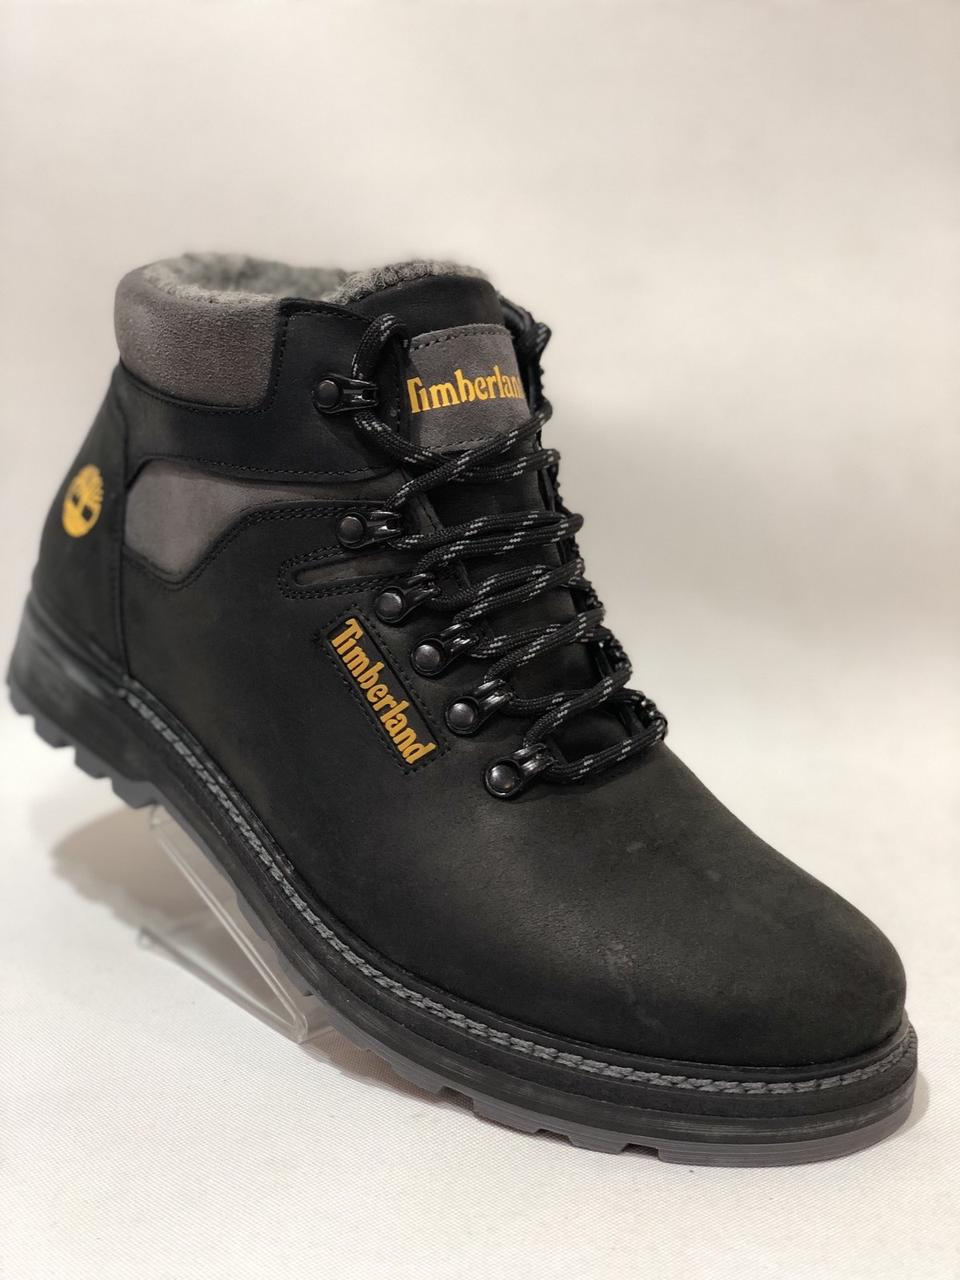 41,43,44 р  Зимние ботинки кожаные, мужские ботинки на меху Черные супер качество